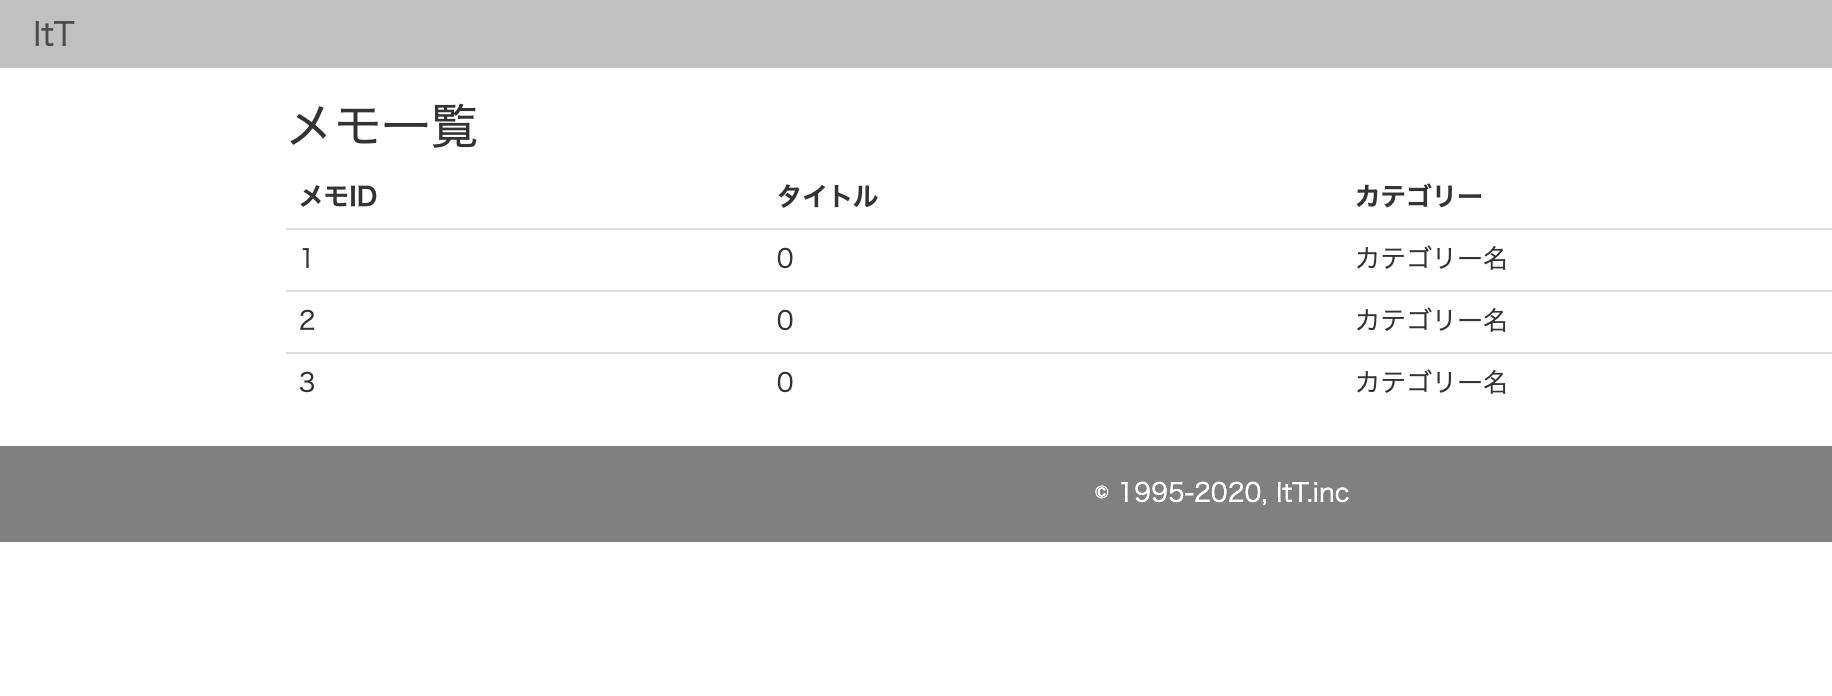 スクリーンショット 2020-10-18 22.00.33.png